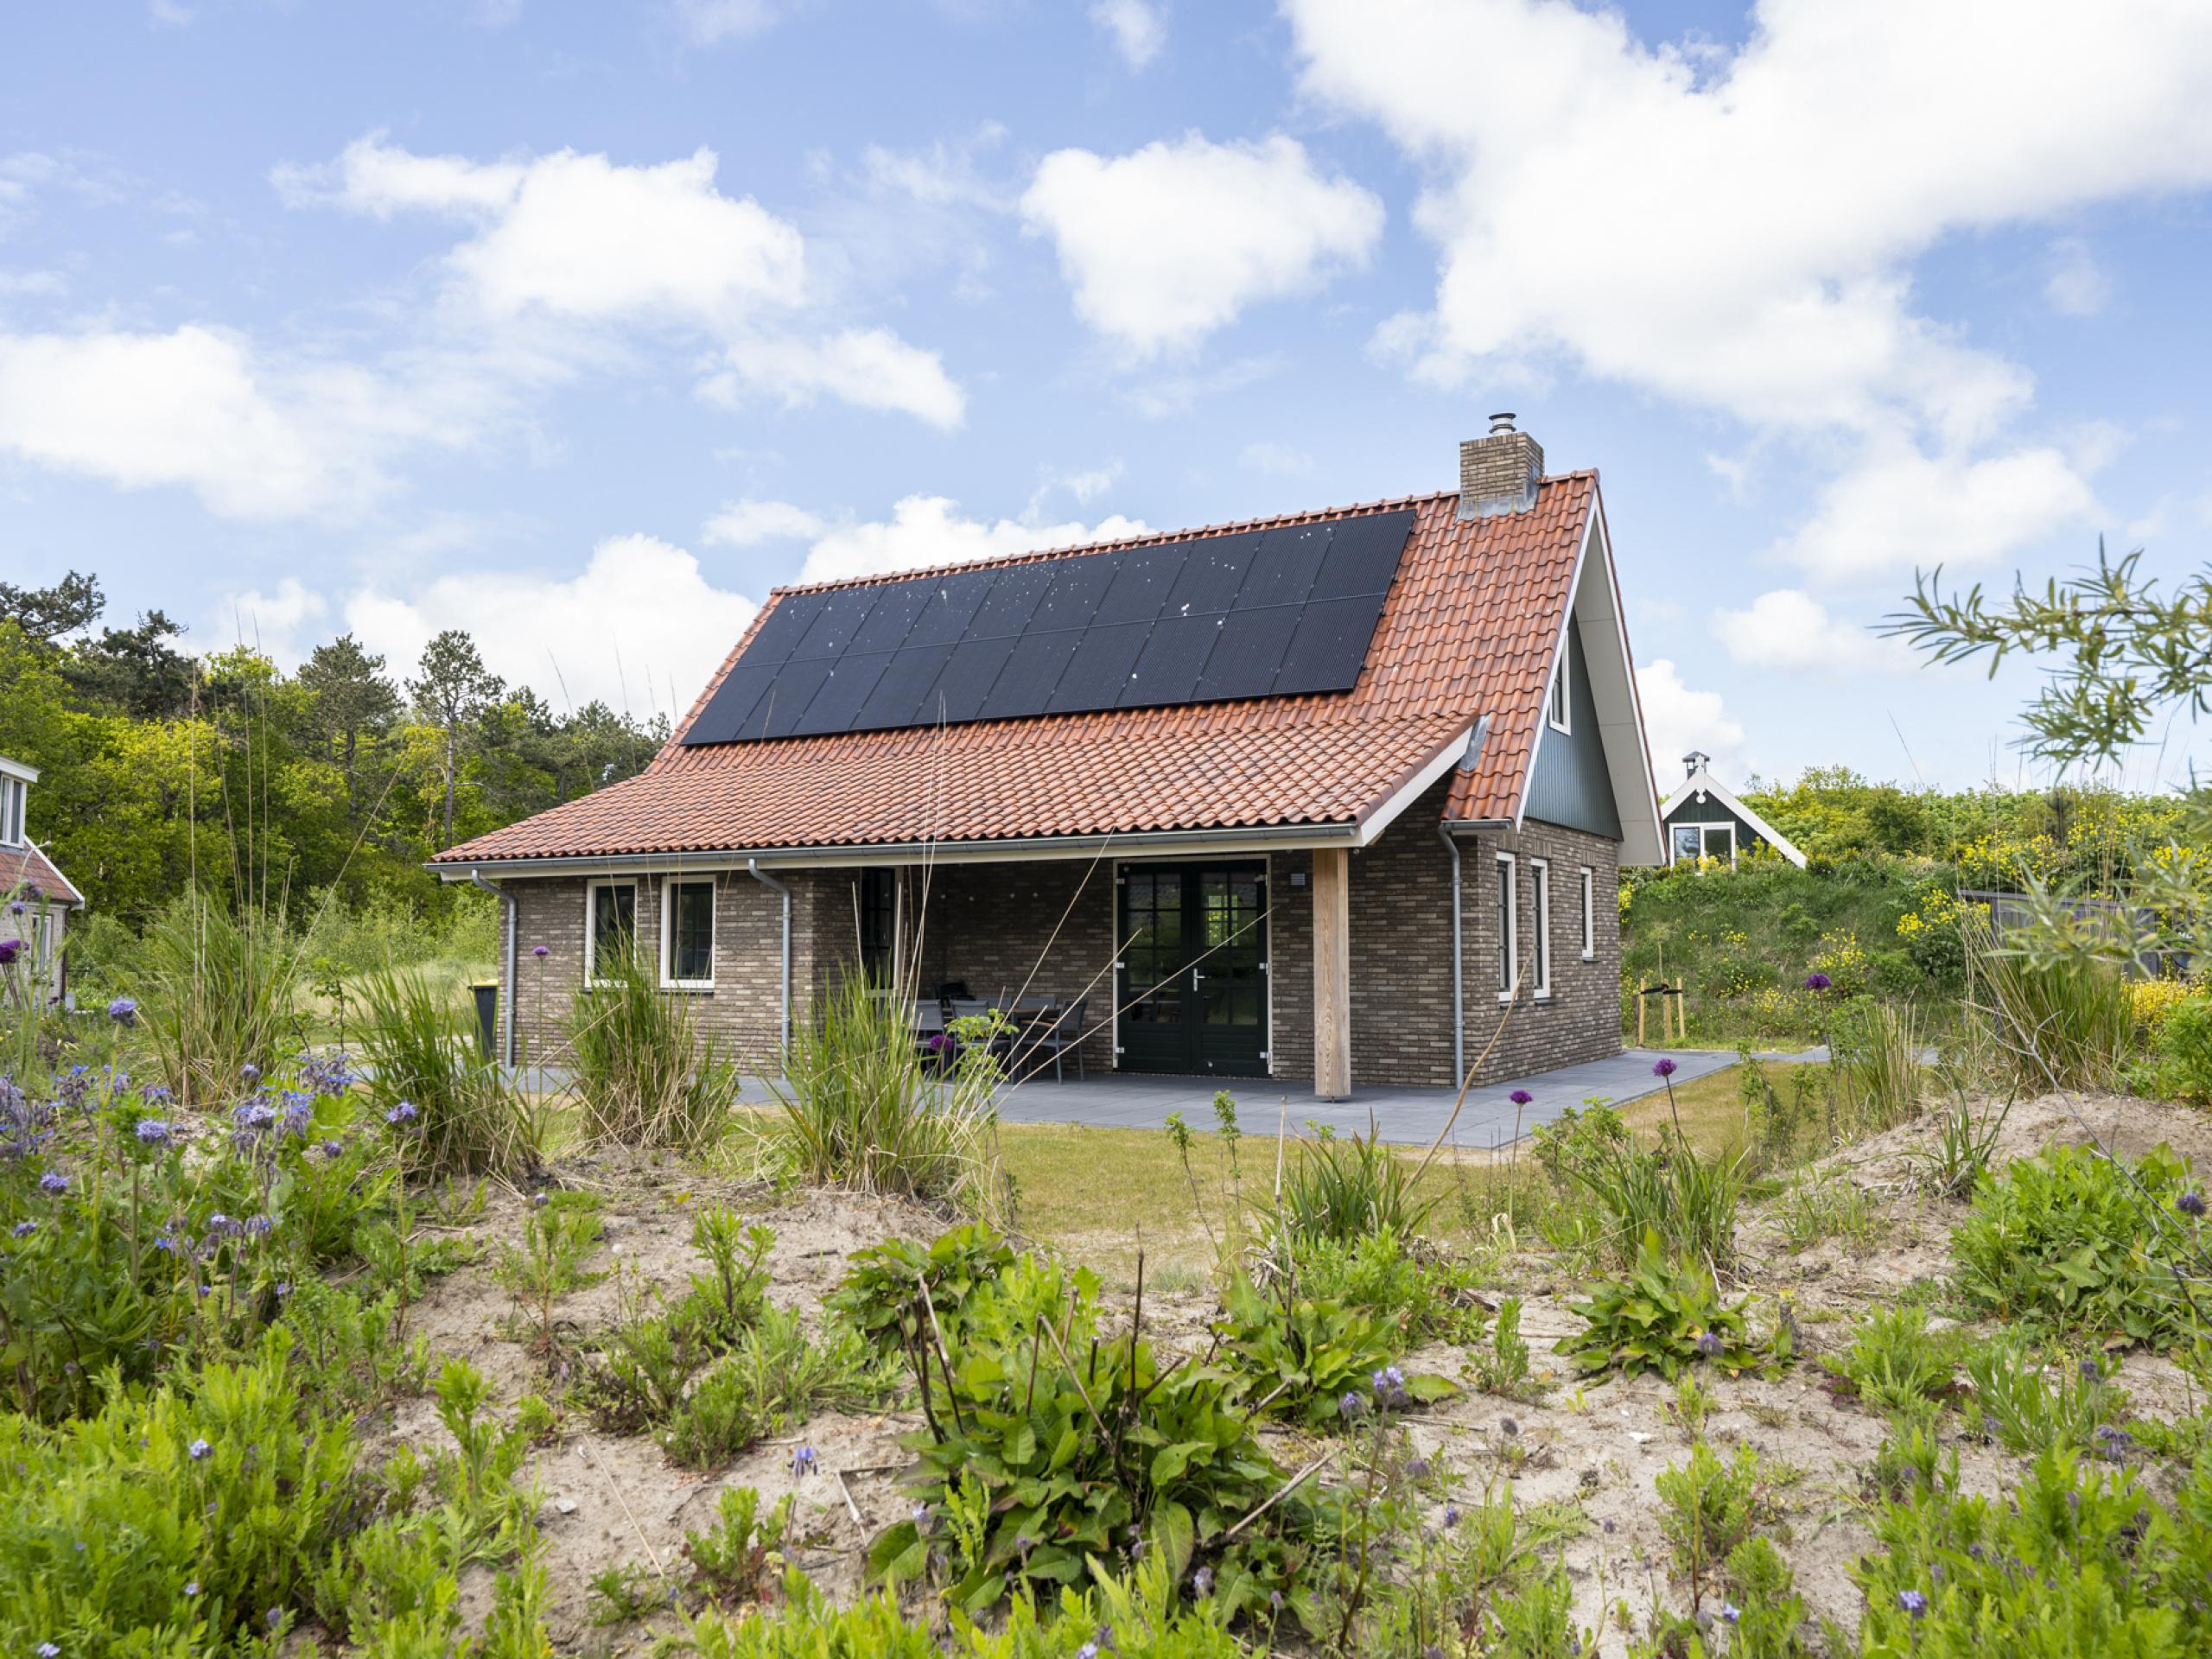 Riant vrijstaand huis aan de bosrand, 2,5 kilometer van het strand